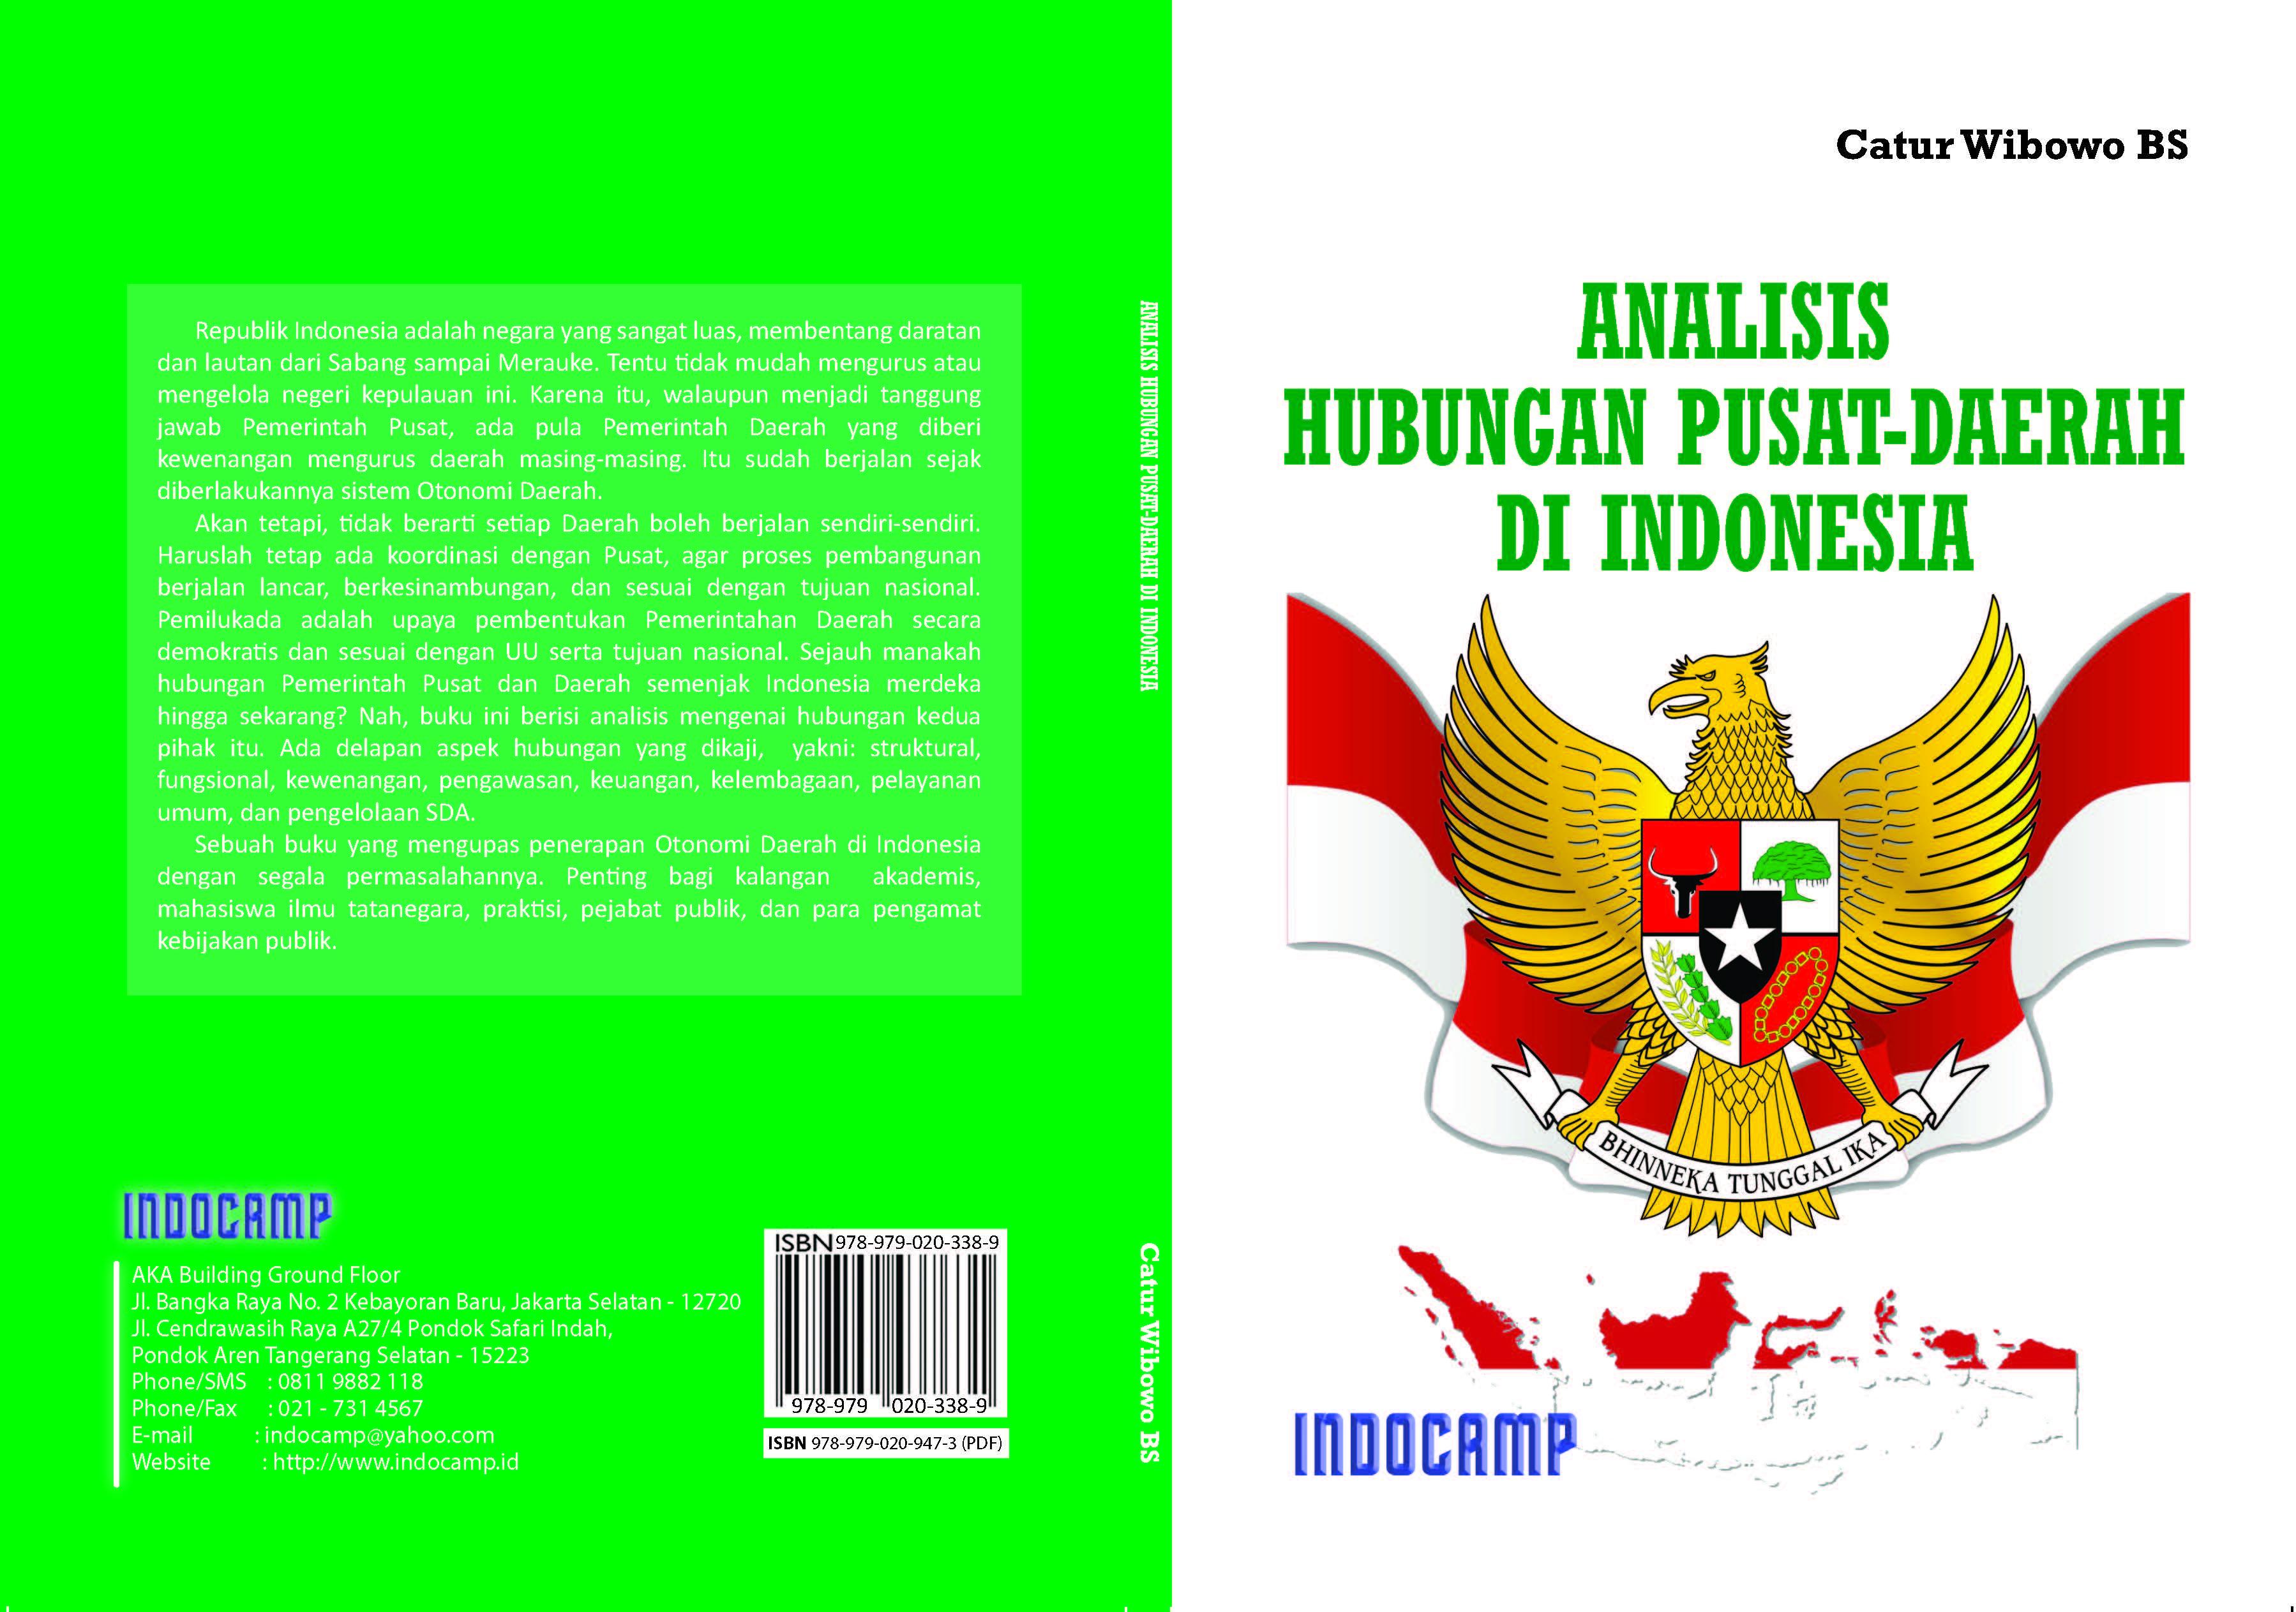 Analisis hubungan pusat-daerah di indonesia [sumber elektronis]